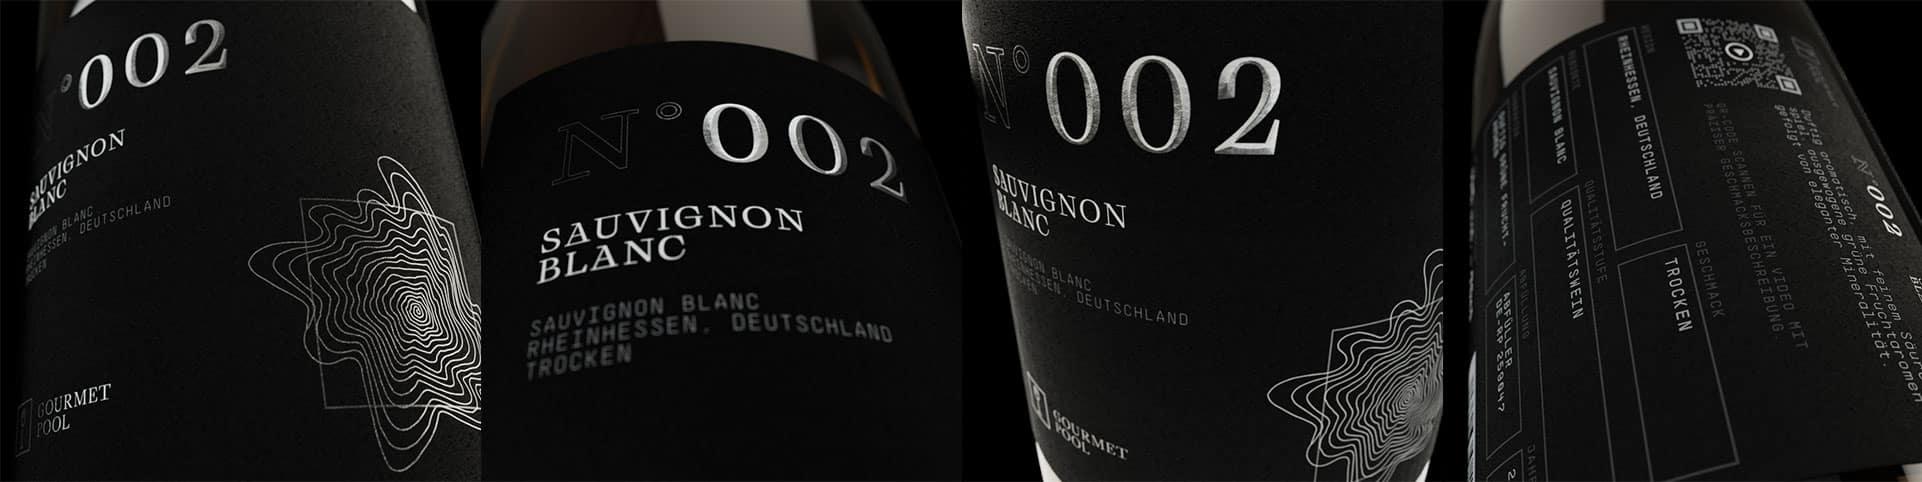 Weinflaschen Detailaufnahme N°002 Sauvignon Blanc